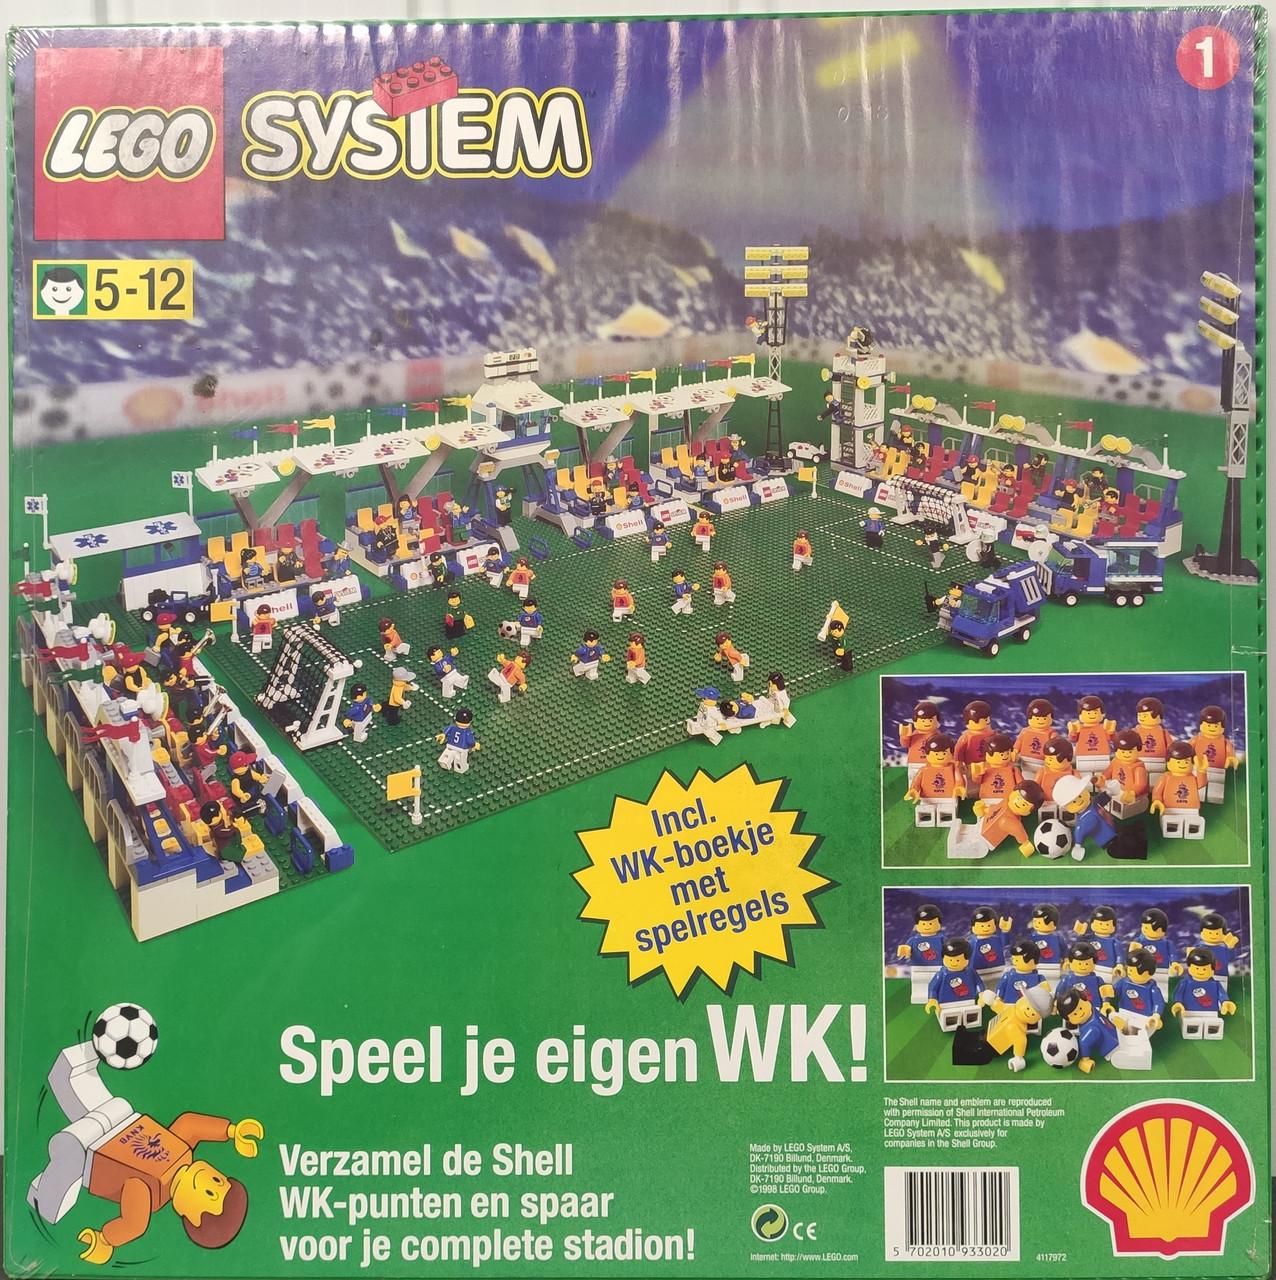 Lego System Большая Зеленая Строительная Пластина